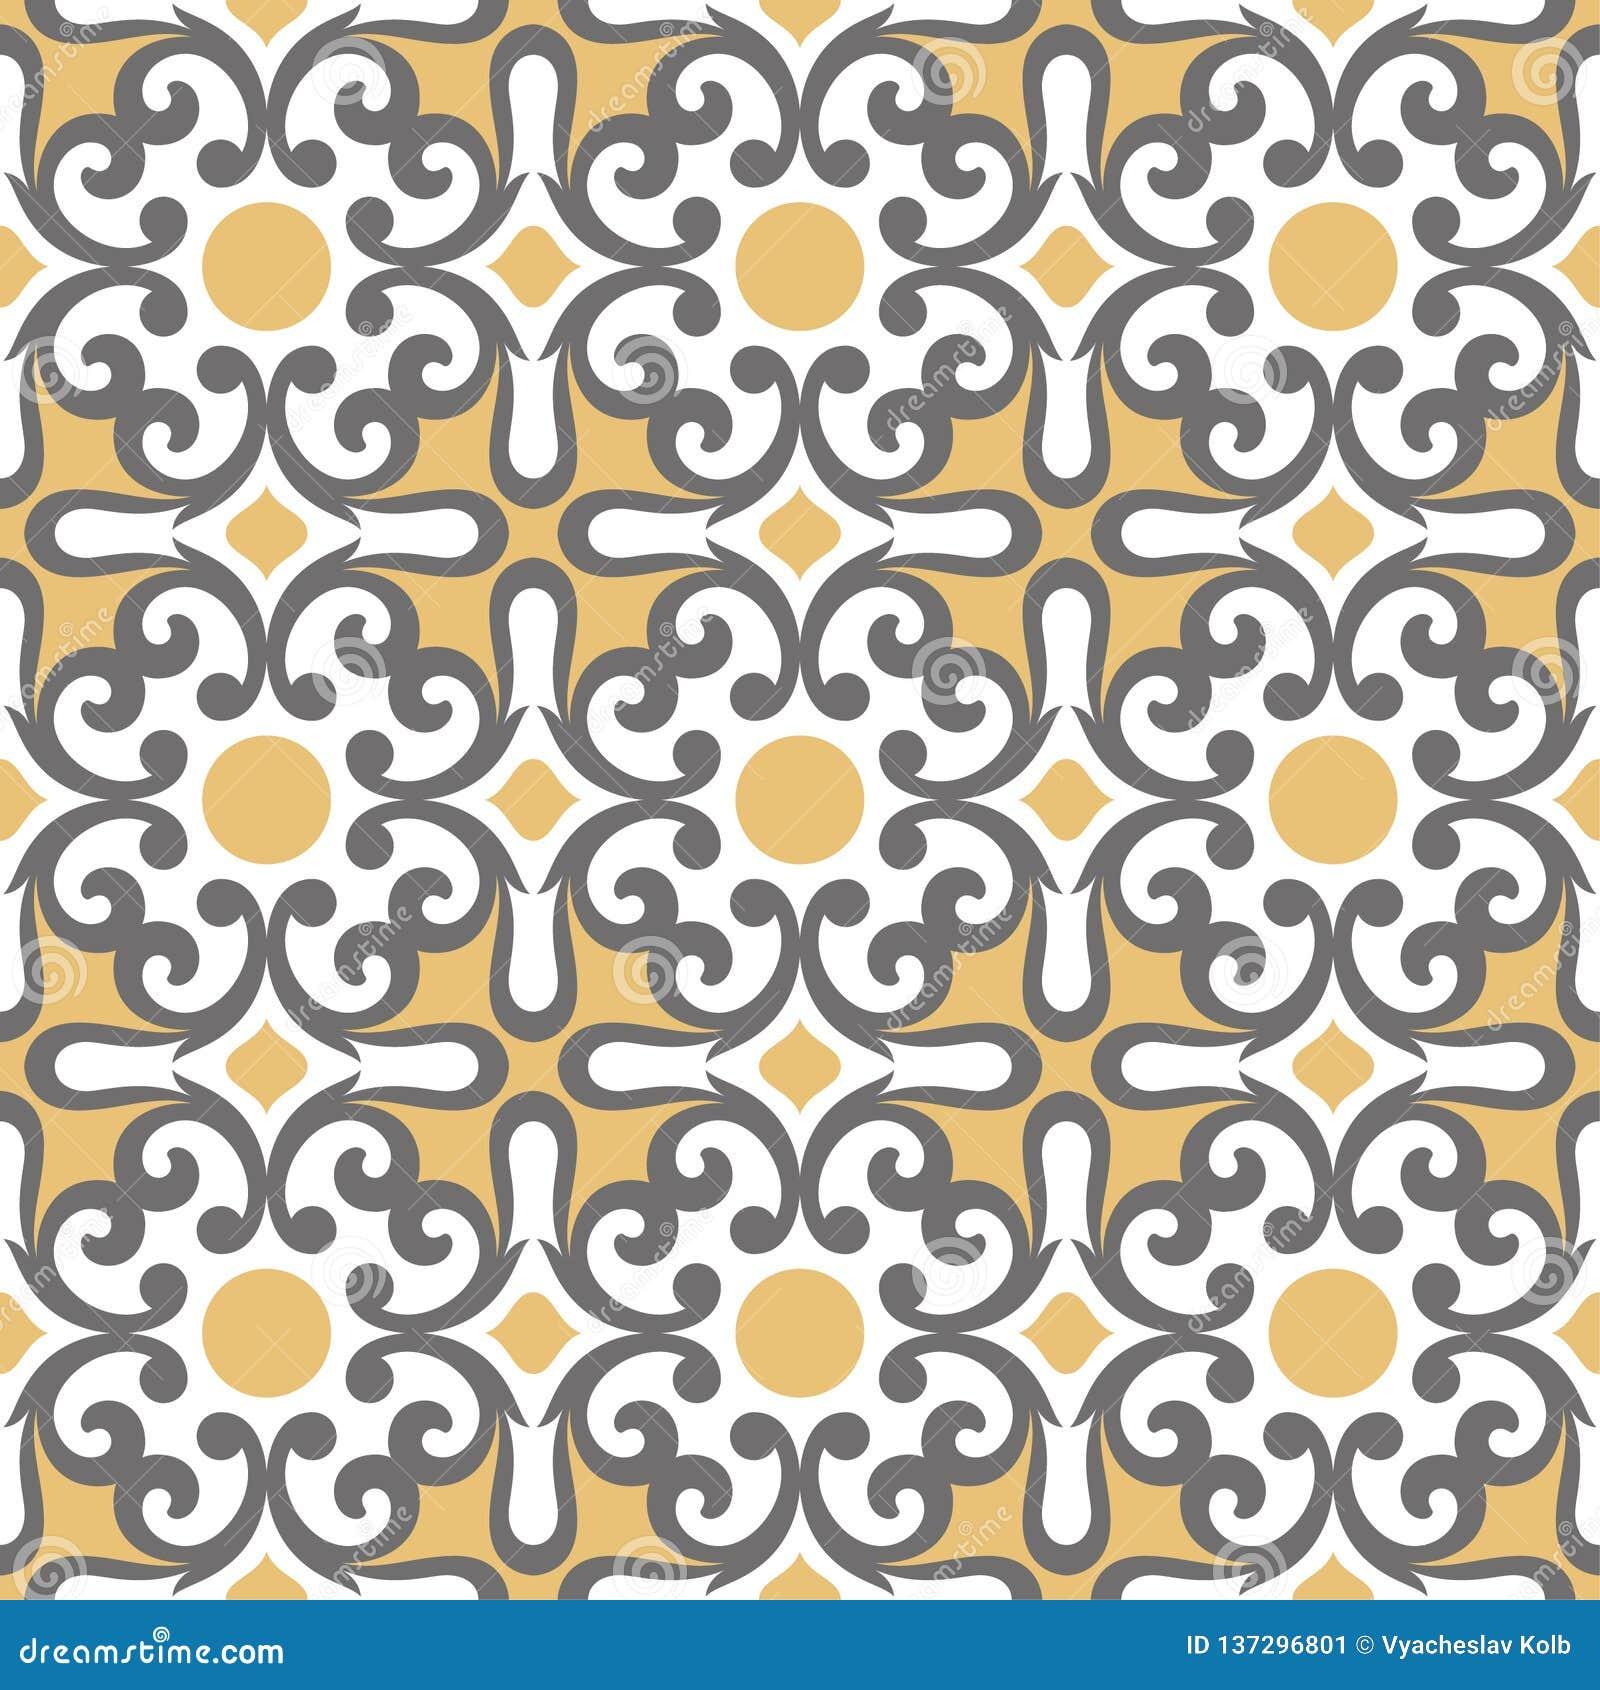 Dekoratives Muster für den Hintergrund, die Fliese und die Gewebe